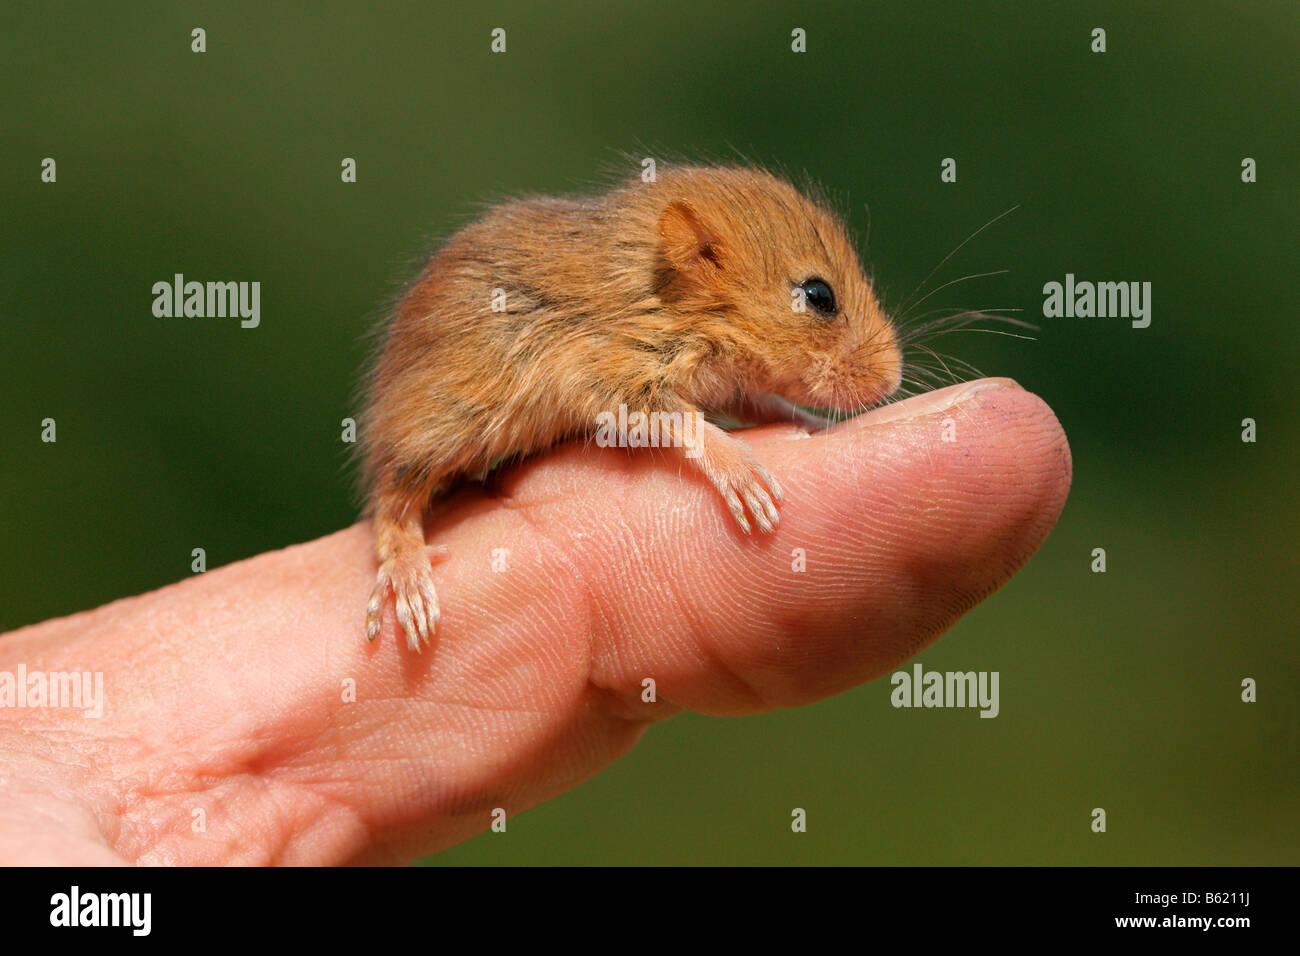 (Muscardinus avellanarius Lirón avellana), PUP, sentado sobre un hombre del dedo pulgar, nursling Foto de stock